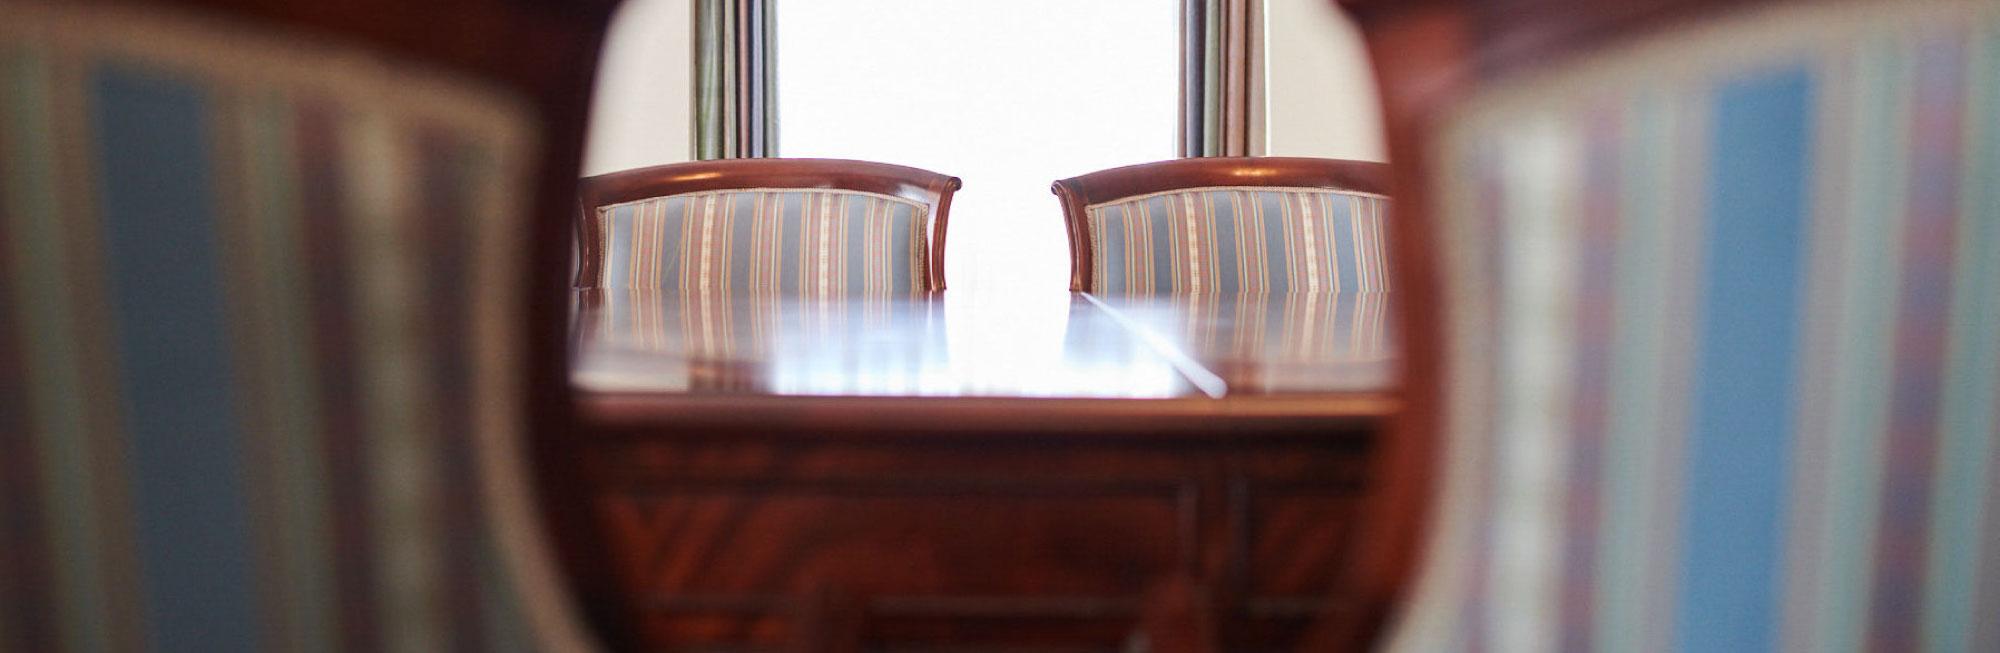 Antike Möbel in der Max Grundig Klinik